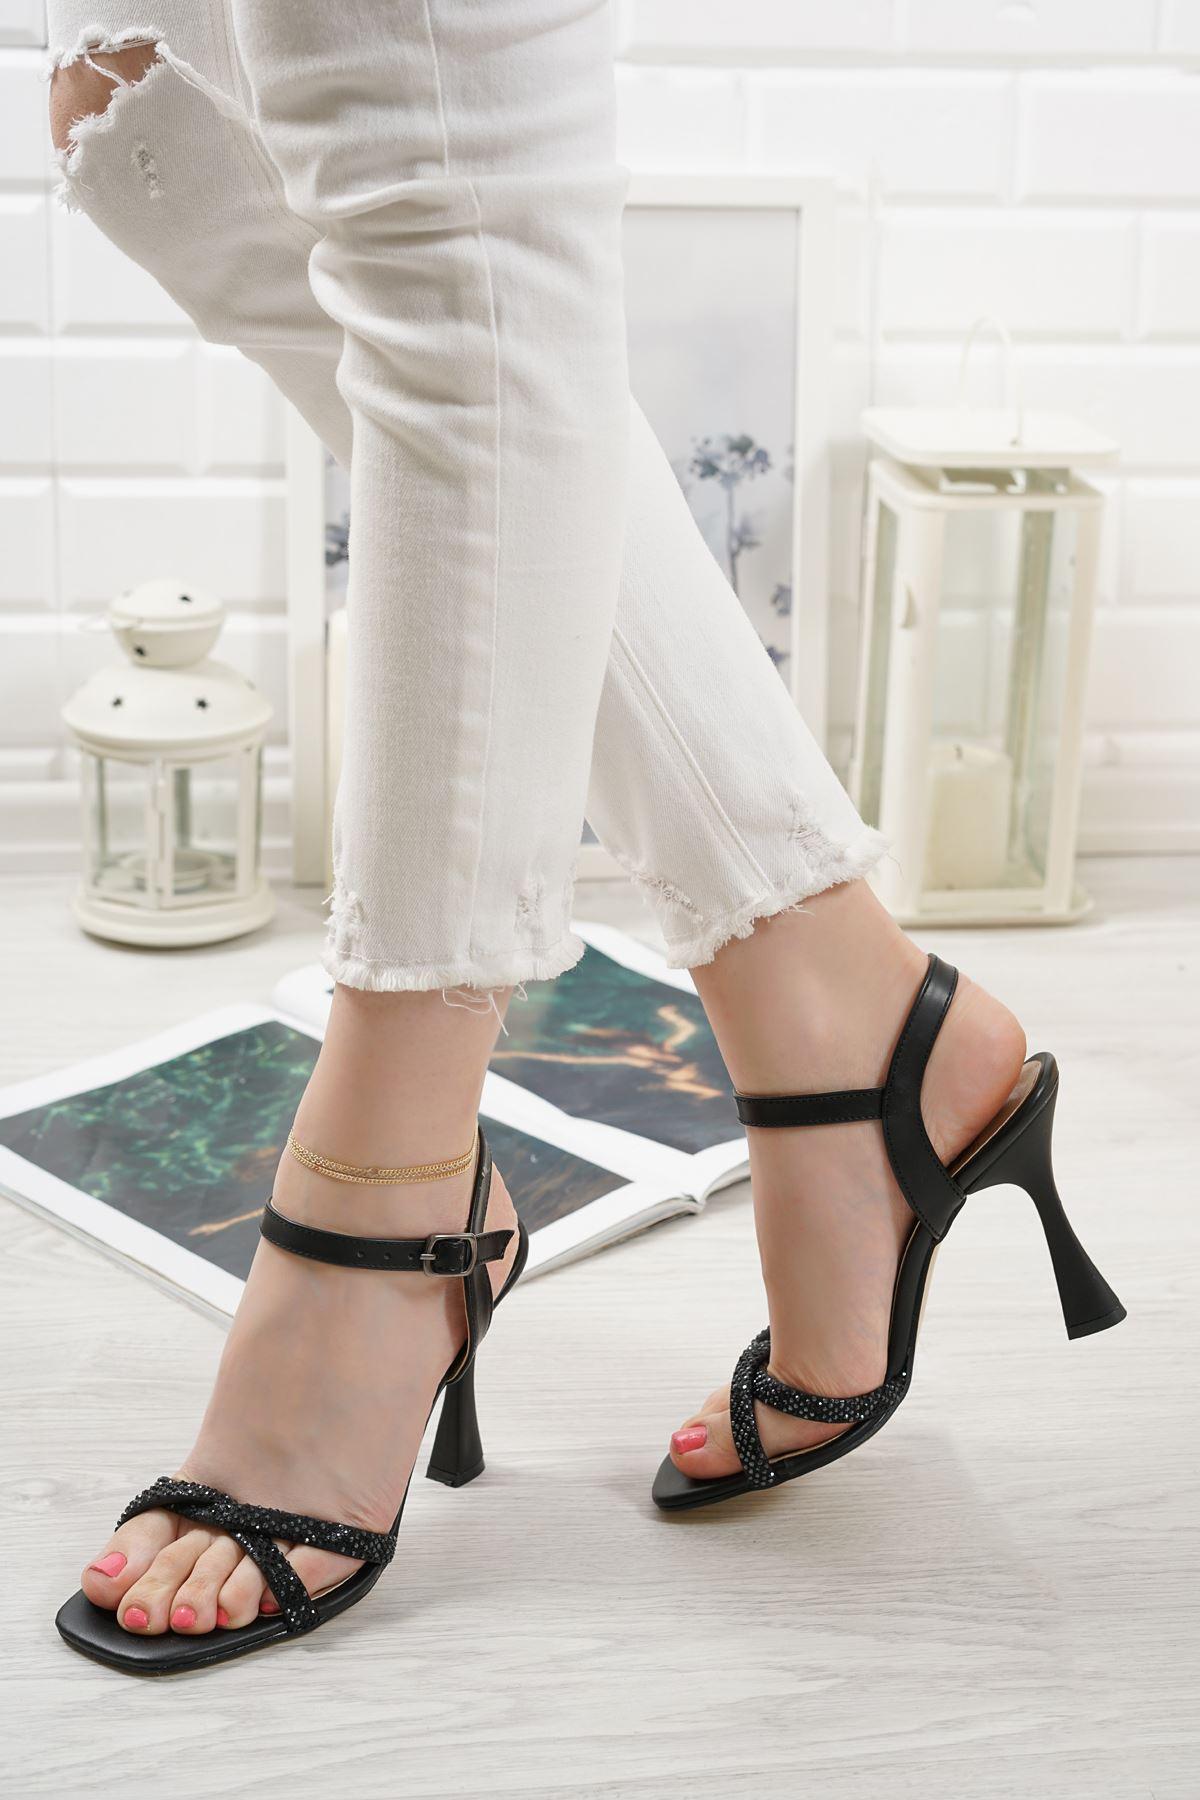 Edda Siyah Mat Deri Taşlı Kadın Topuklu Ayakkabı